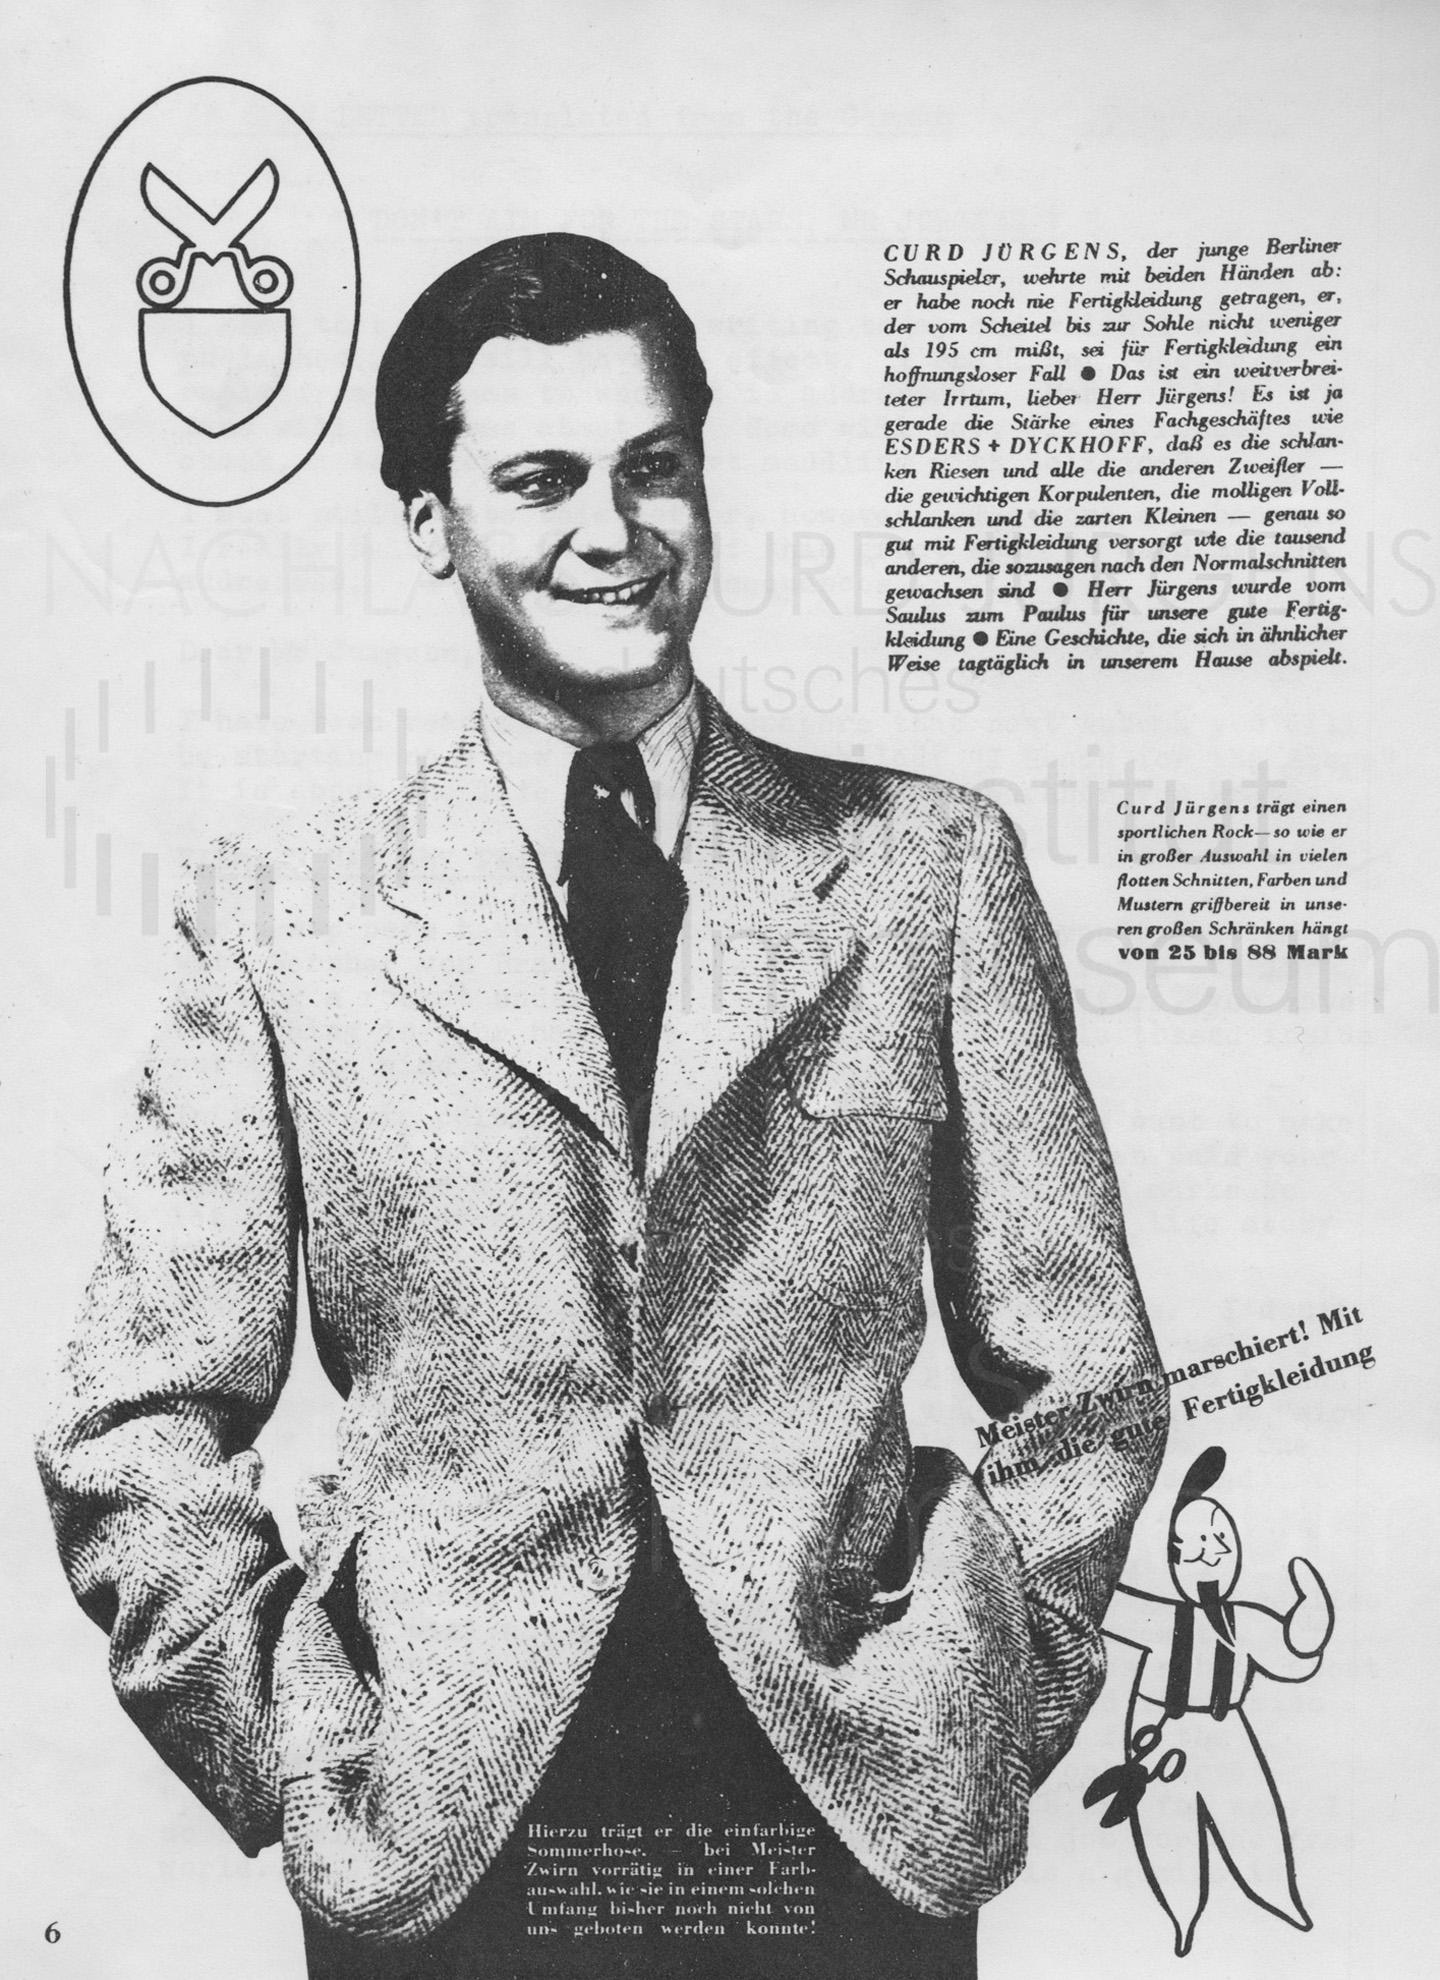 Werbung für das Kleiderfachgeschäft ESDERS + DYCKHOFF, ca. 1930er Jahre